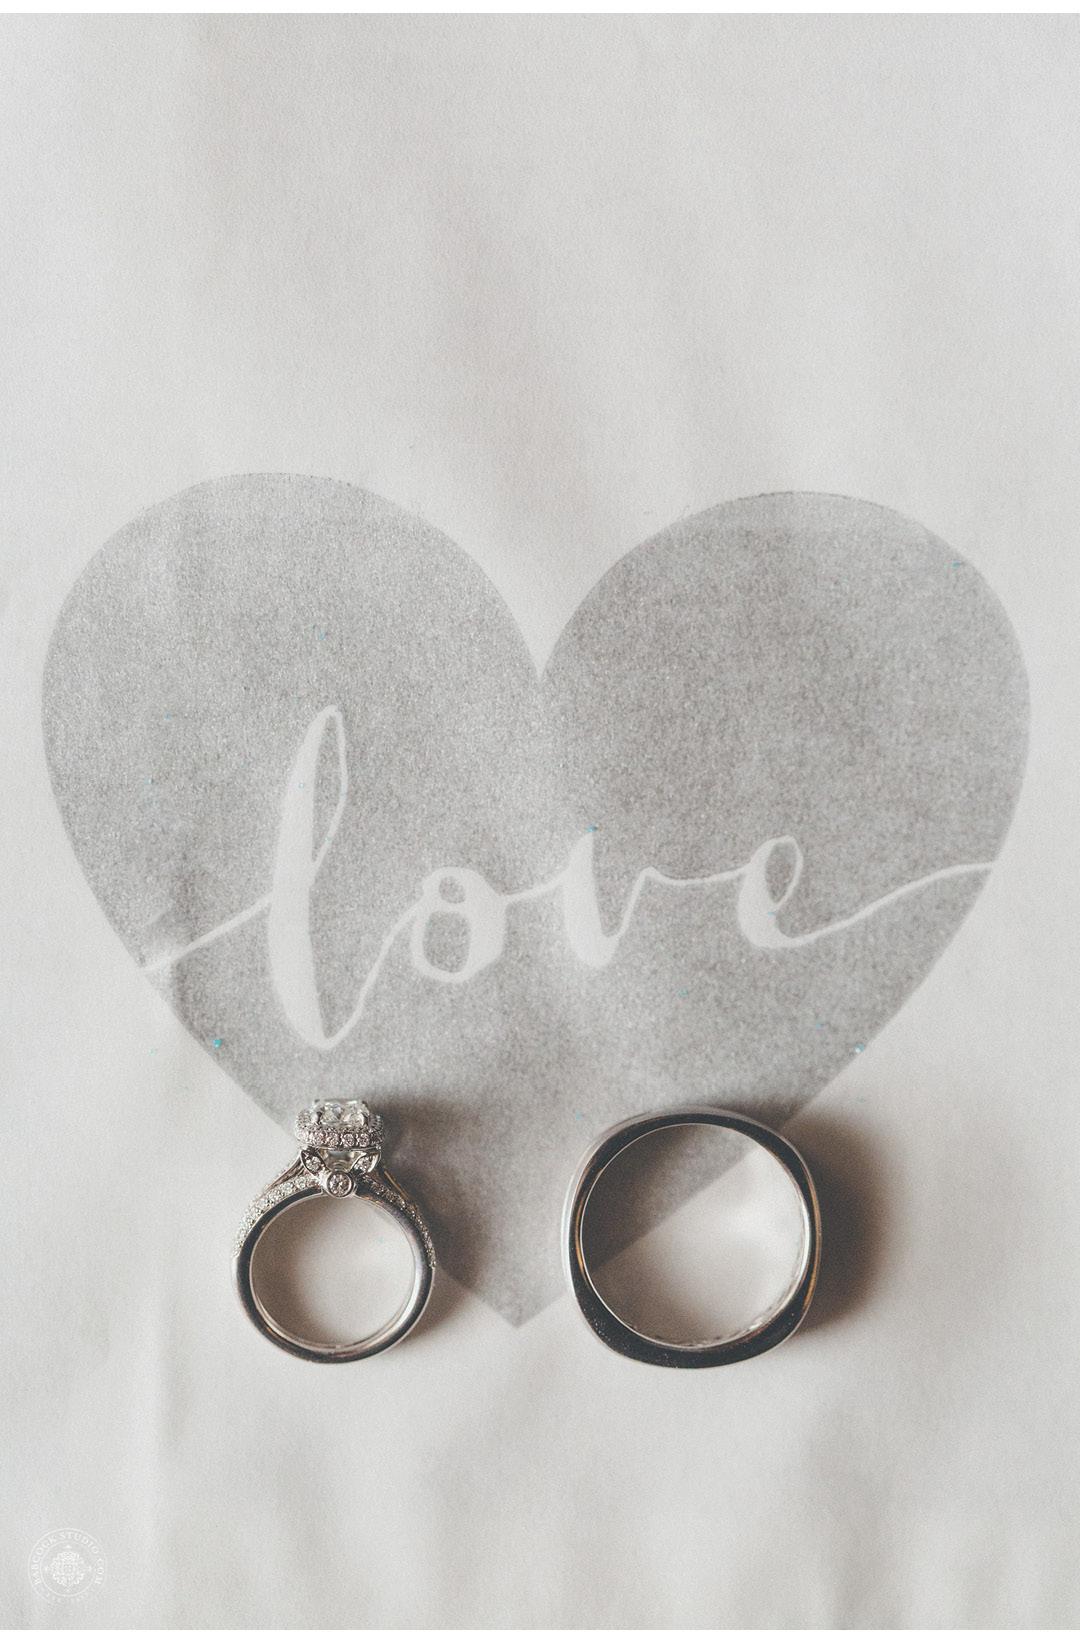 danielle-tyler-wedding-photographer-dayton-ohio-37.jpg